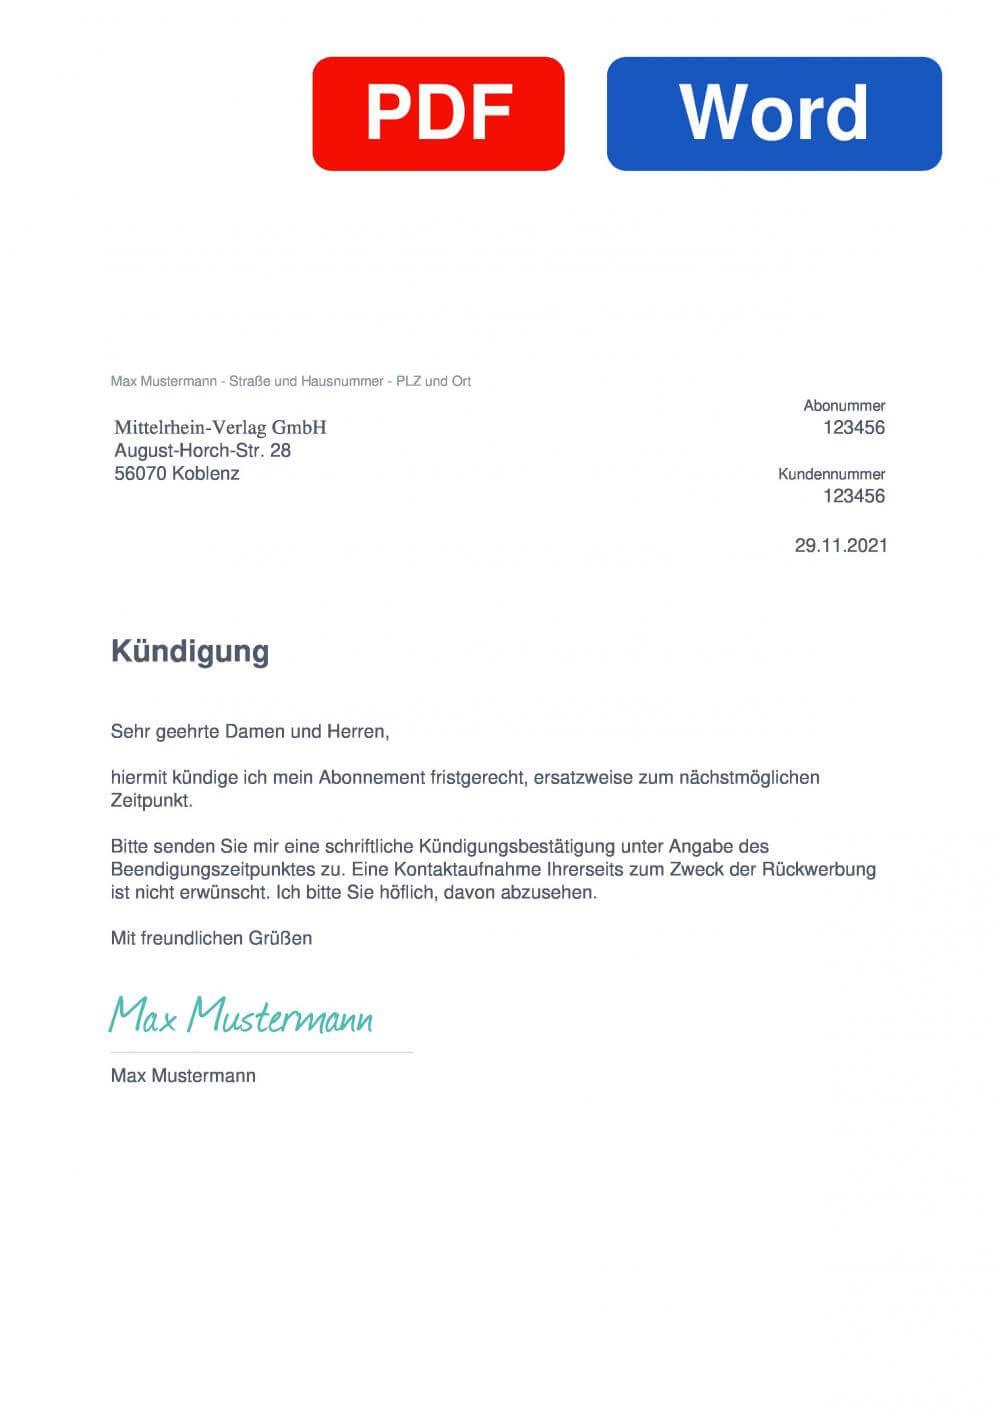 Rhein Zeitung Muster Vorlage für Kündigungsschreiben